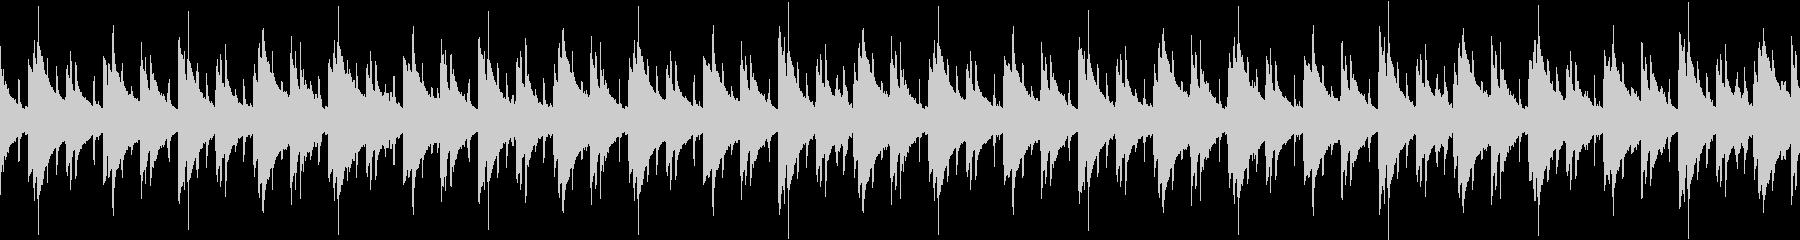 スローテンポなラップBGM ループの未再生の波形